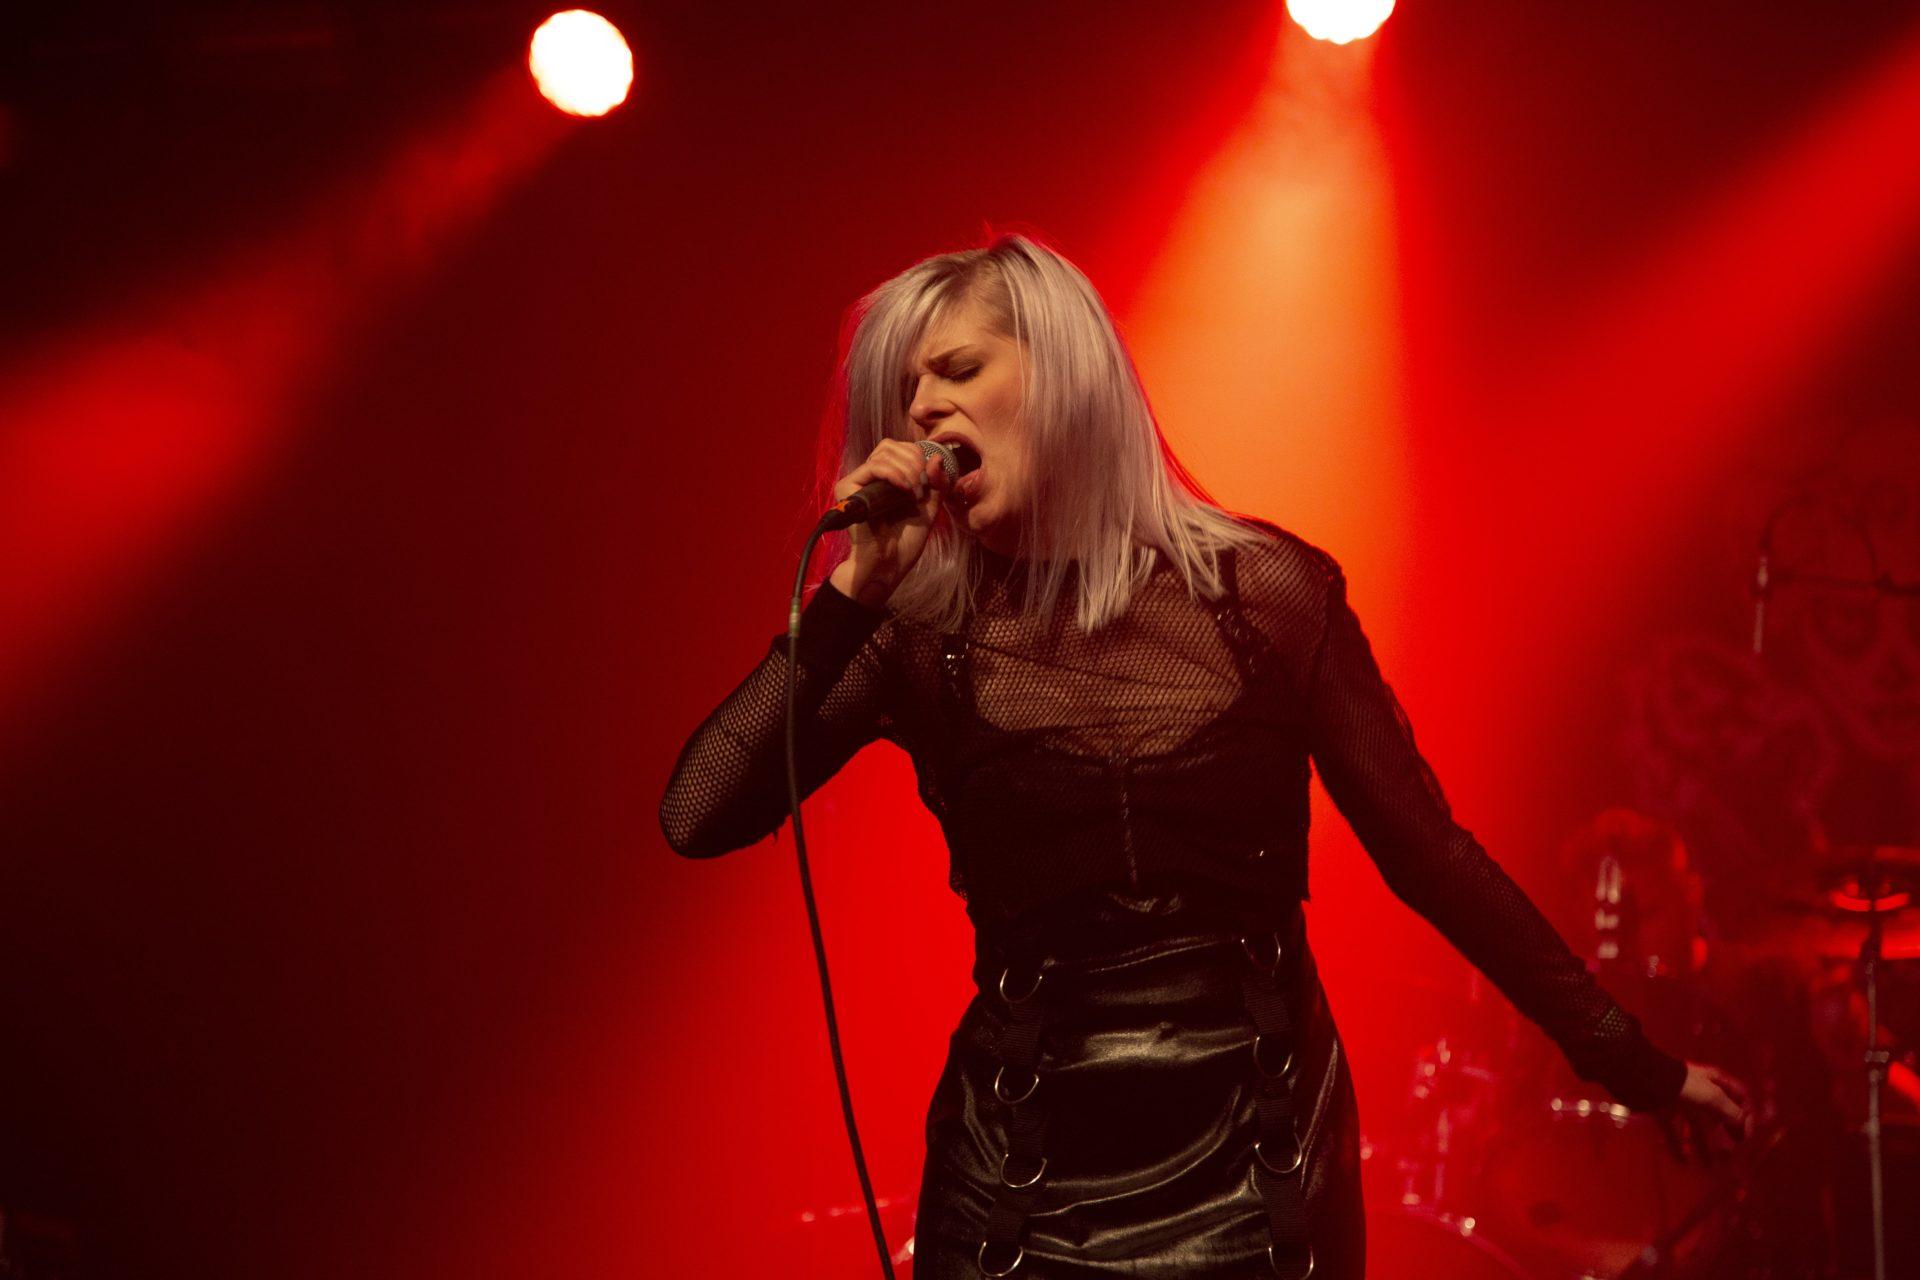 Frauen im Musikbusiness - Celina von THE BLOODSTRINGS 1